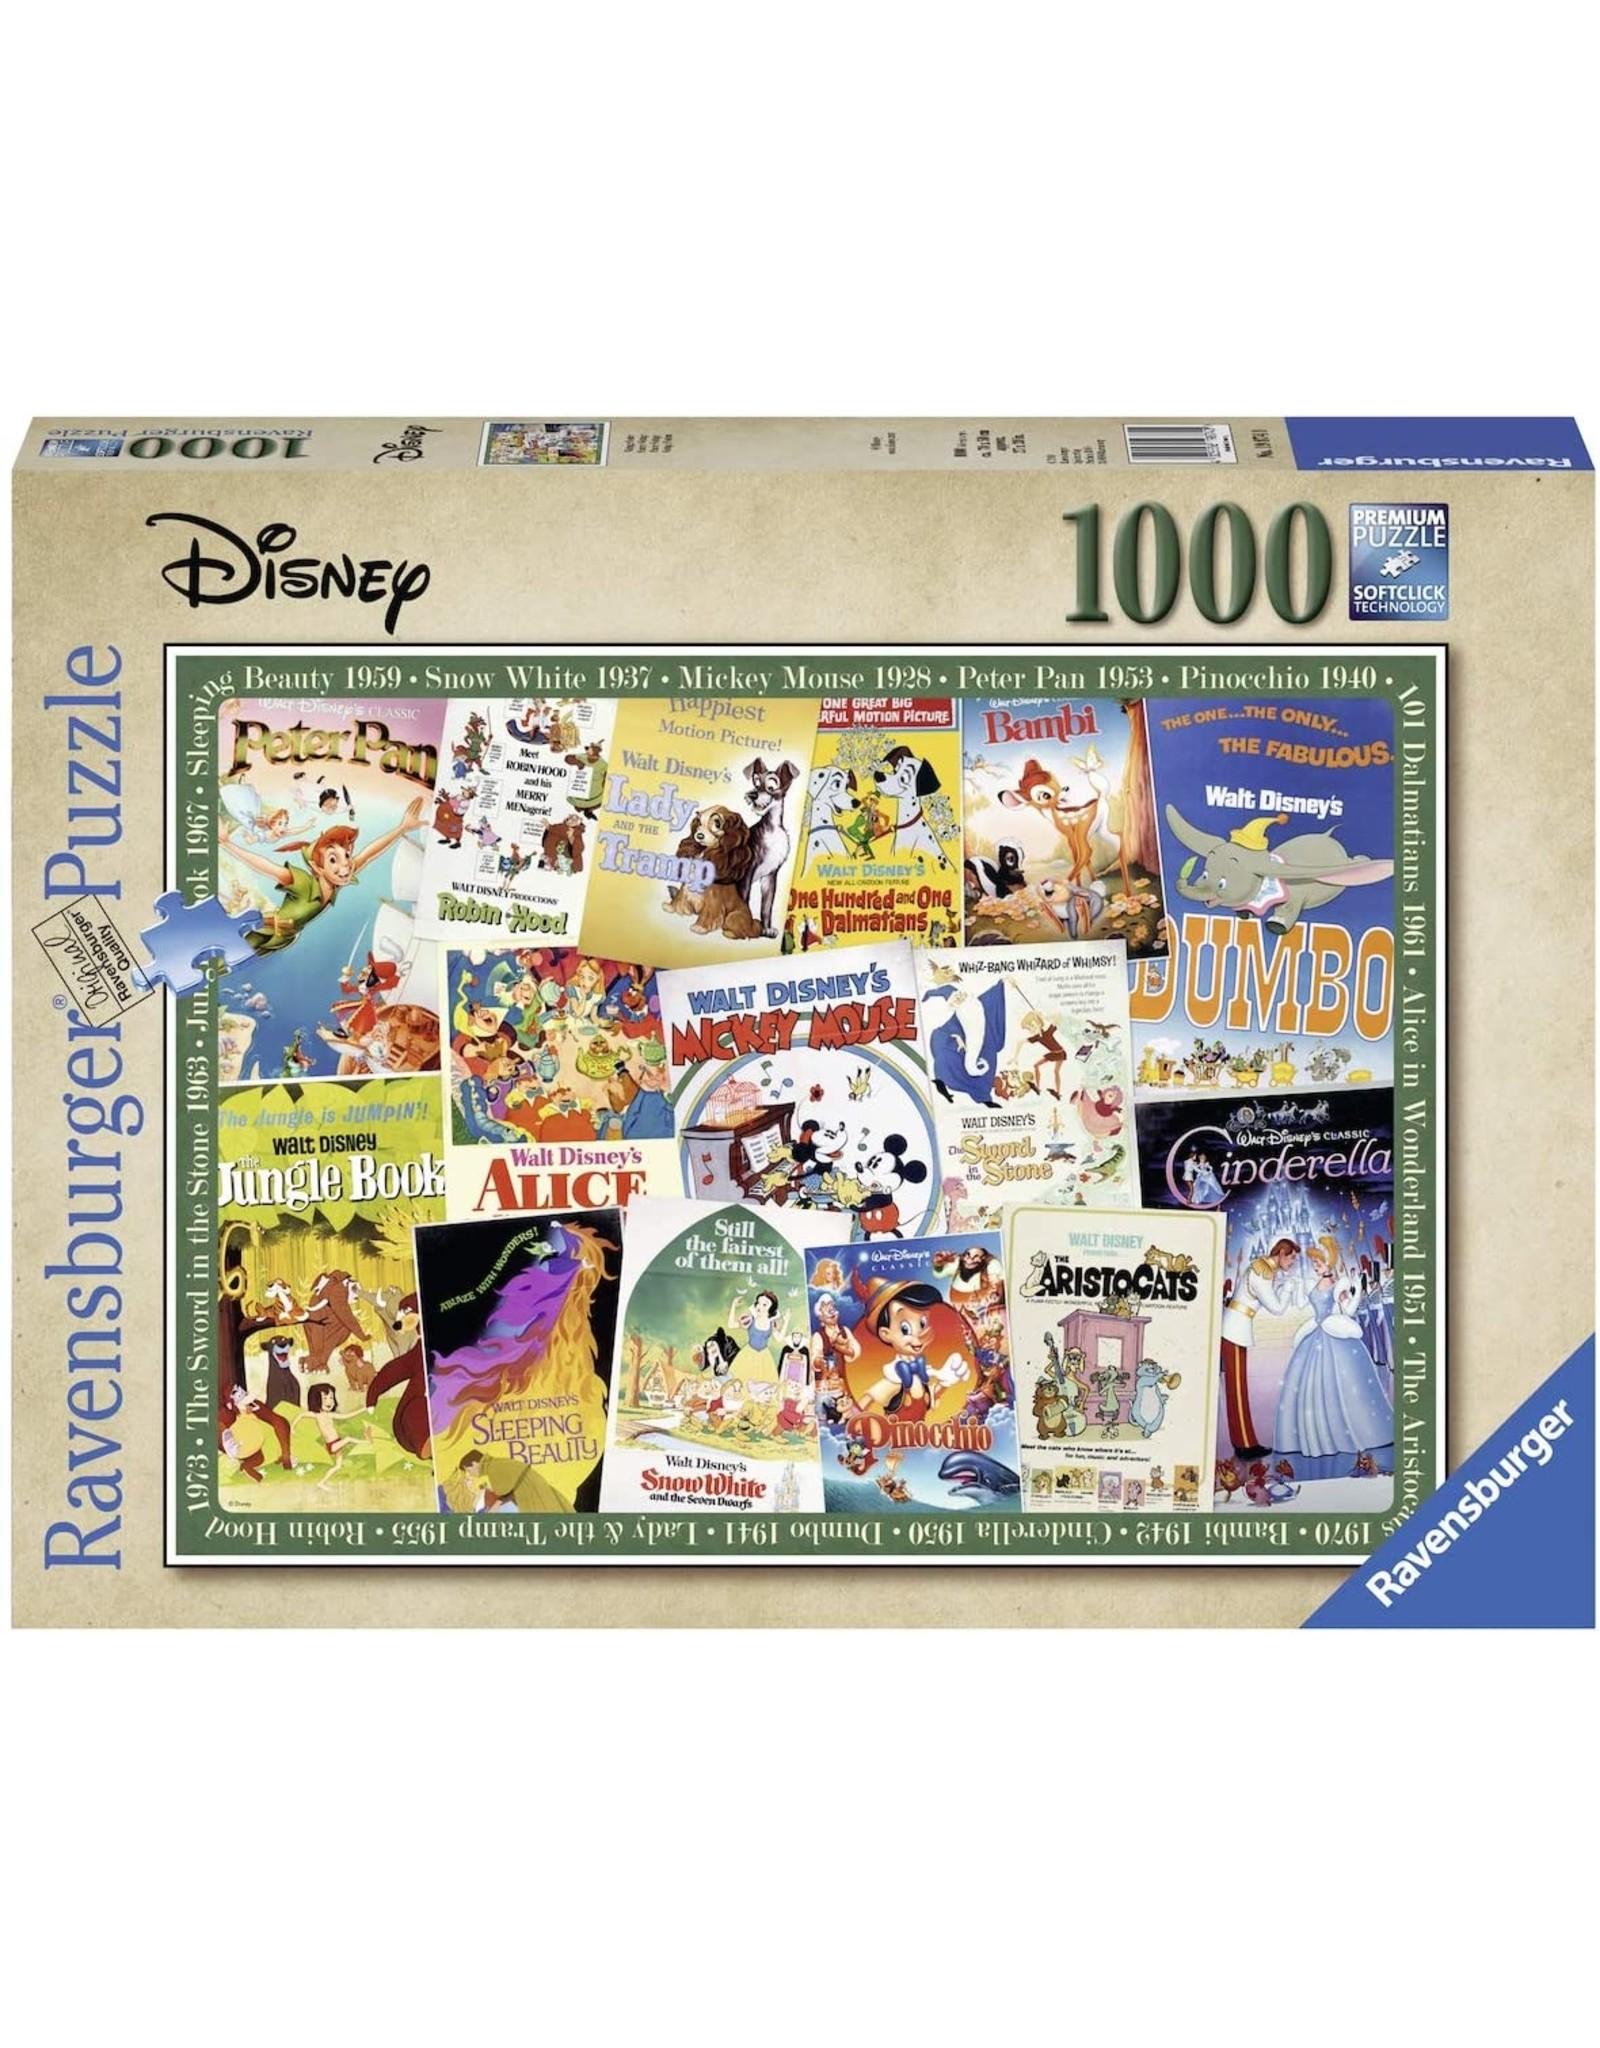 Ravensburger 1000 pcs. Disney Vintage Movies Puzzle